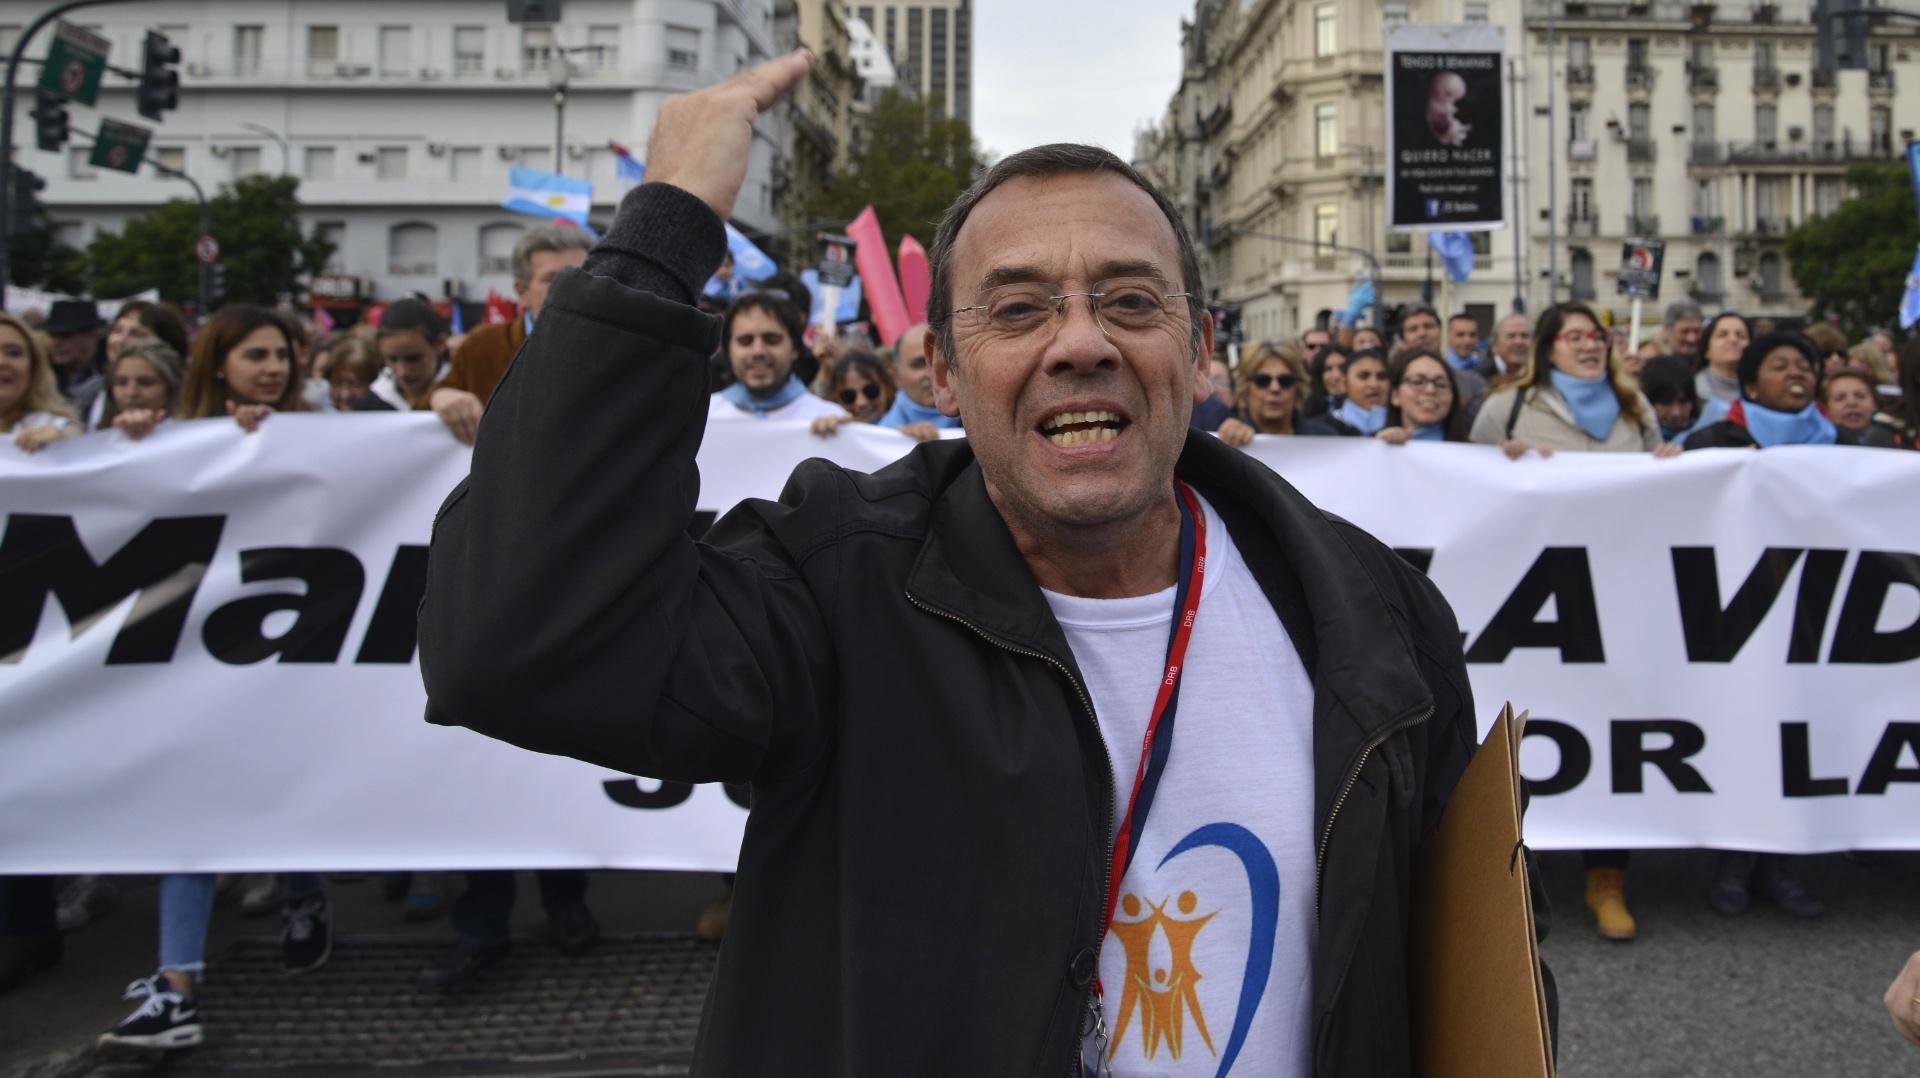 Hubo marchas y actos en Córdoba, Rosario, Mar del Plata, Mendoza, Santa Fe y Salta, entre otras ciudades